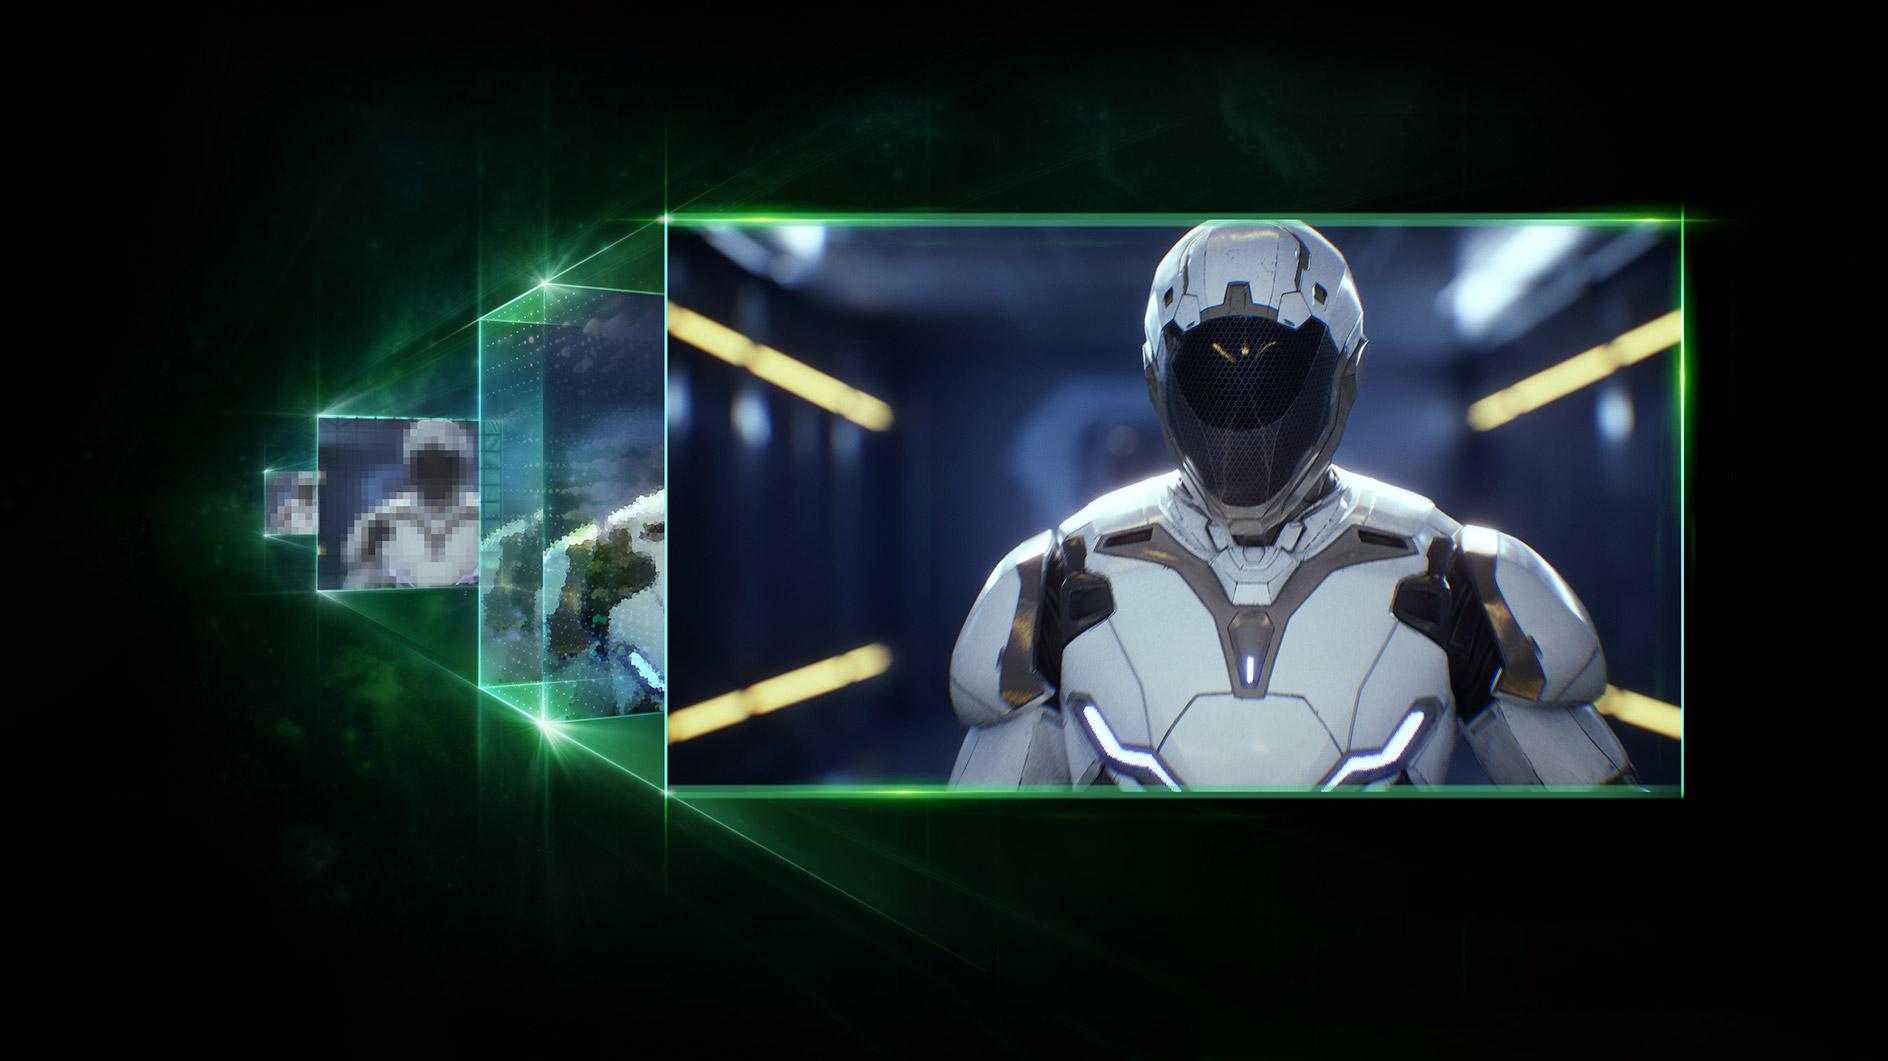 Nvidia : la réalité virtuelle bientôt requinquée grâce au support du DLSS 2.1